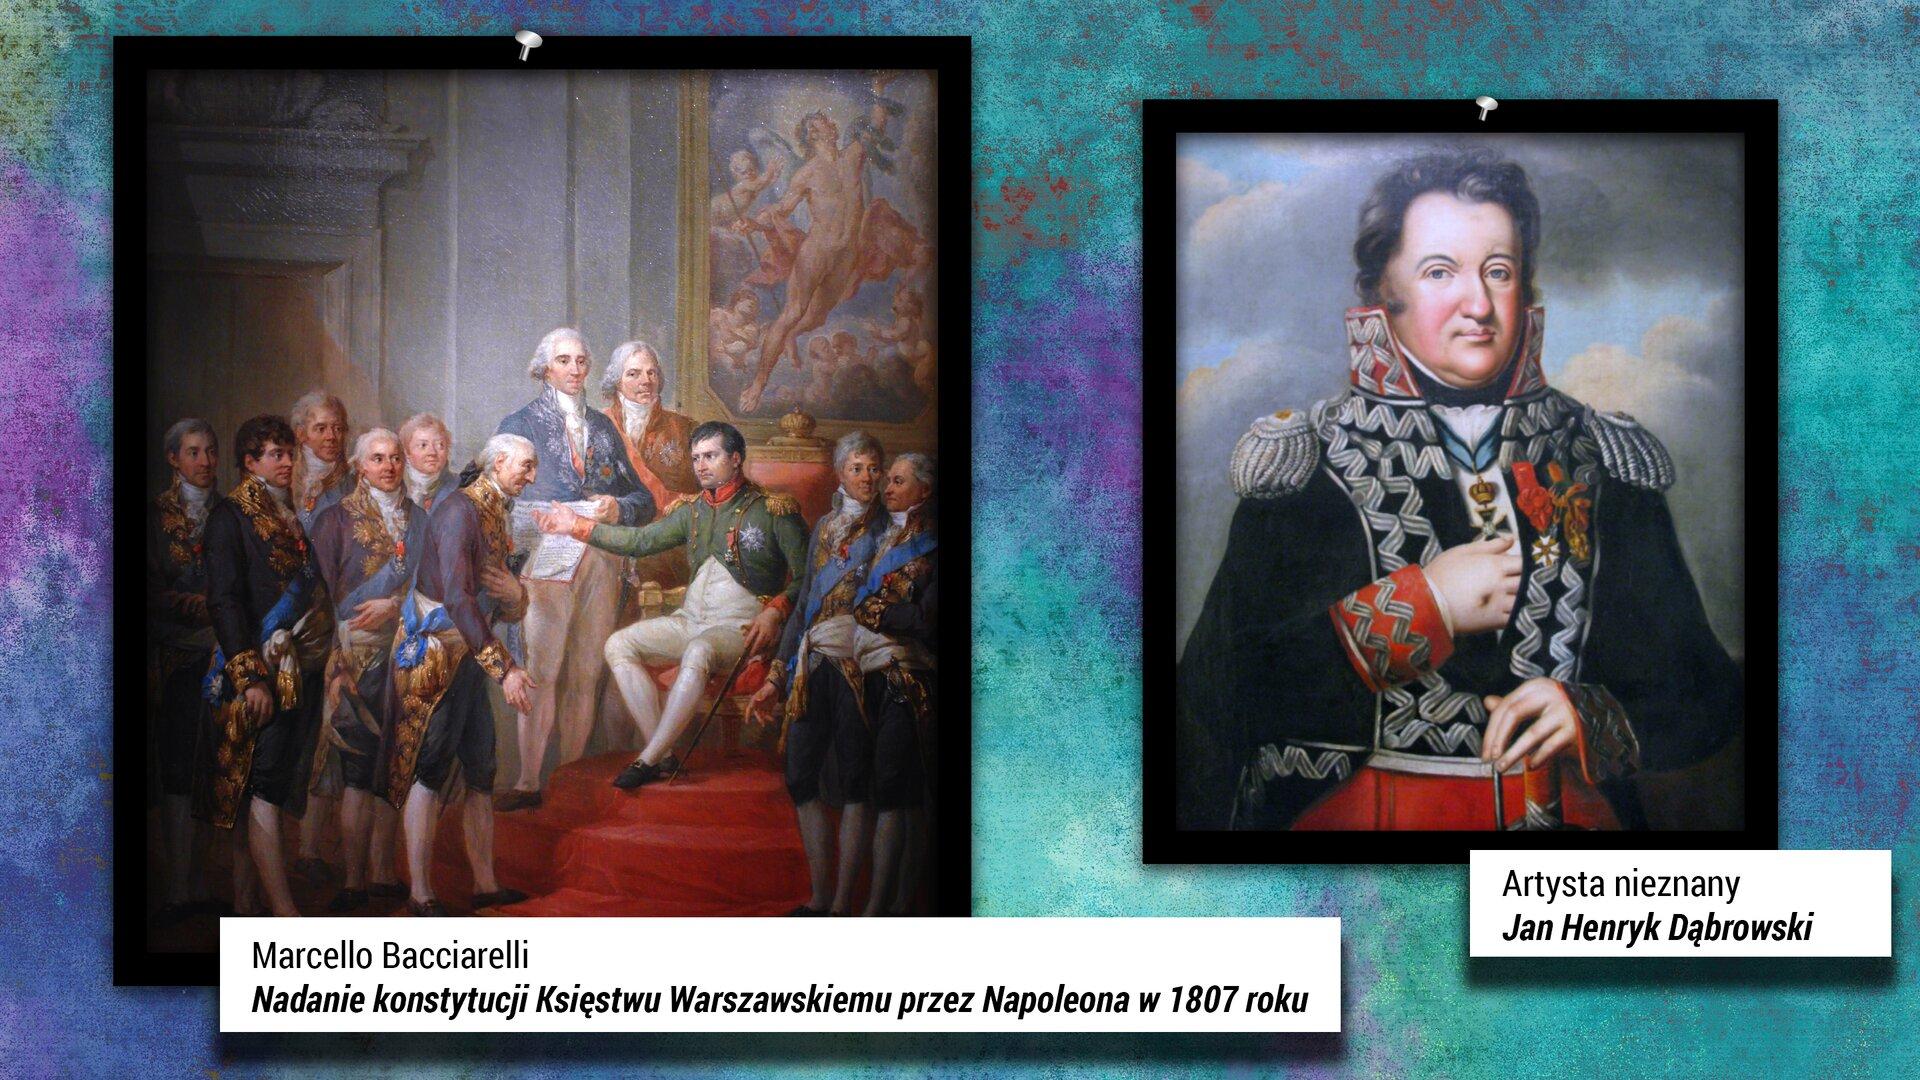 """Na zamieszczonej ilustracji znajdują się dwa obrazy. Po lewej stronie znajduje się obraz: """"Nadanie Konstytucji Księstwu Warszawskiemu przez Napoleona w1807 roku"""", którego autorem jest Marcello Bacciarelli. Malowidło przedstawia obraz ukazujący początek Księstwa Warszawskiego, czyli moment nadania konstytucji wDreźnie 22 lipca 1807 r. Twórca uwiecznił na płótnie ceremonię przekazania Konstytucji przez Napoleona Bonaparte na ręce kilkuosobowej polskiej delegacji na czele ze Stanisławem Małachowskim. Wgrupie polskiej delegaci znajduje się m.in. Stanisław Kostka Potocki iJózef Wybicki. Na obrazie widać piękny gmach, awtle dużych rozmiarów malowidło. Po prawej stronie ilustracji umieszczony został drugi obraz. To portret Jana Henryka Dąbrowskiego. Autor obrazu jest nieznany. Malowidło przedstawia postać legendarnego dowódcy Legionów Polskich we Włoszech wmundurze galowym. Postać prawą dłoń trzyma wpuszczoną wgórną część munduru. Za postacią widać wtle chmury."""